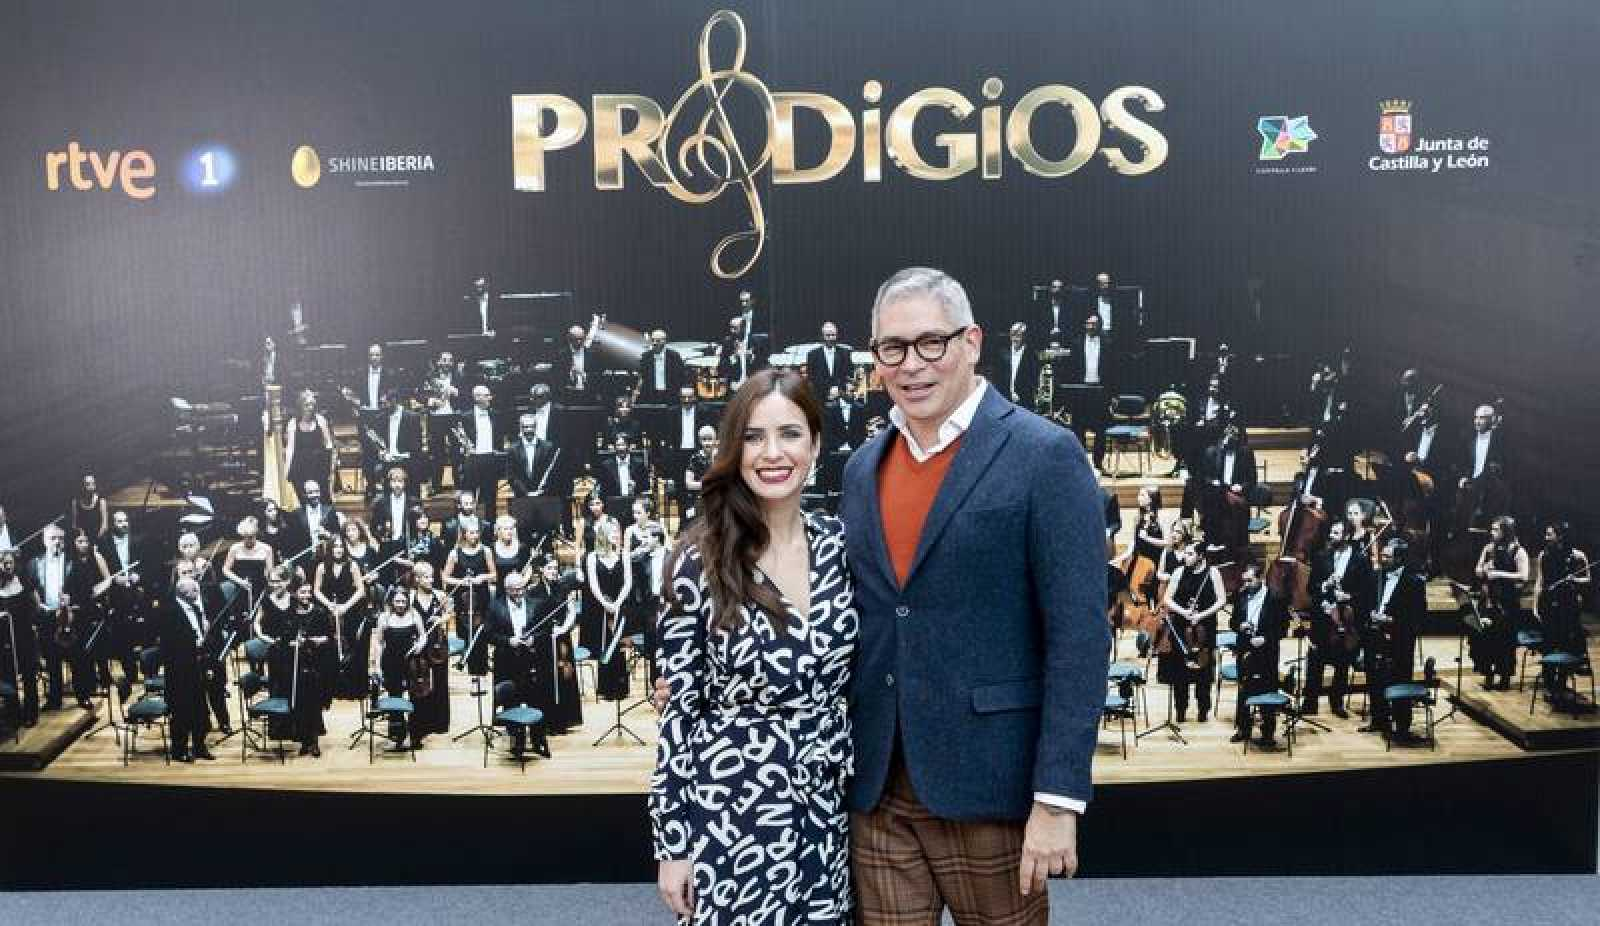 Paula Prendes y Boris Izaguirre, presentadores de 'Prodigios'